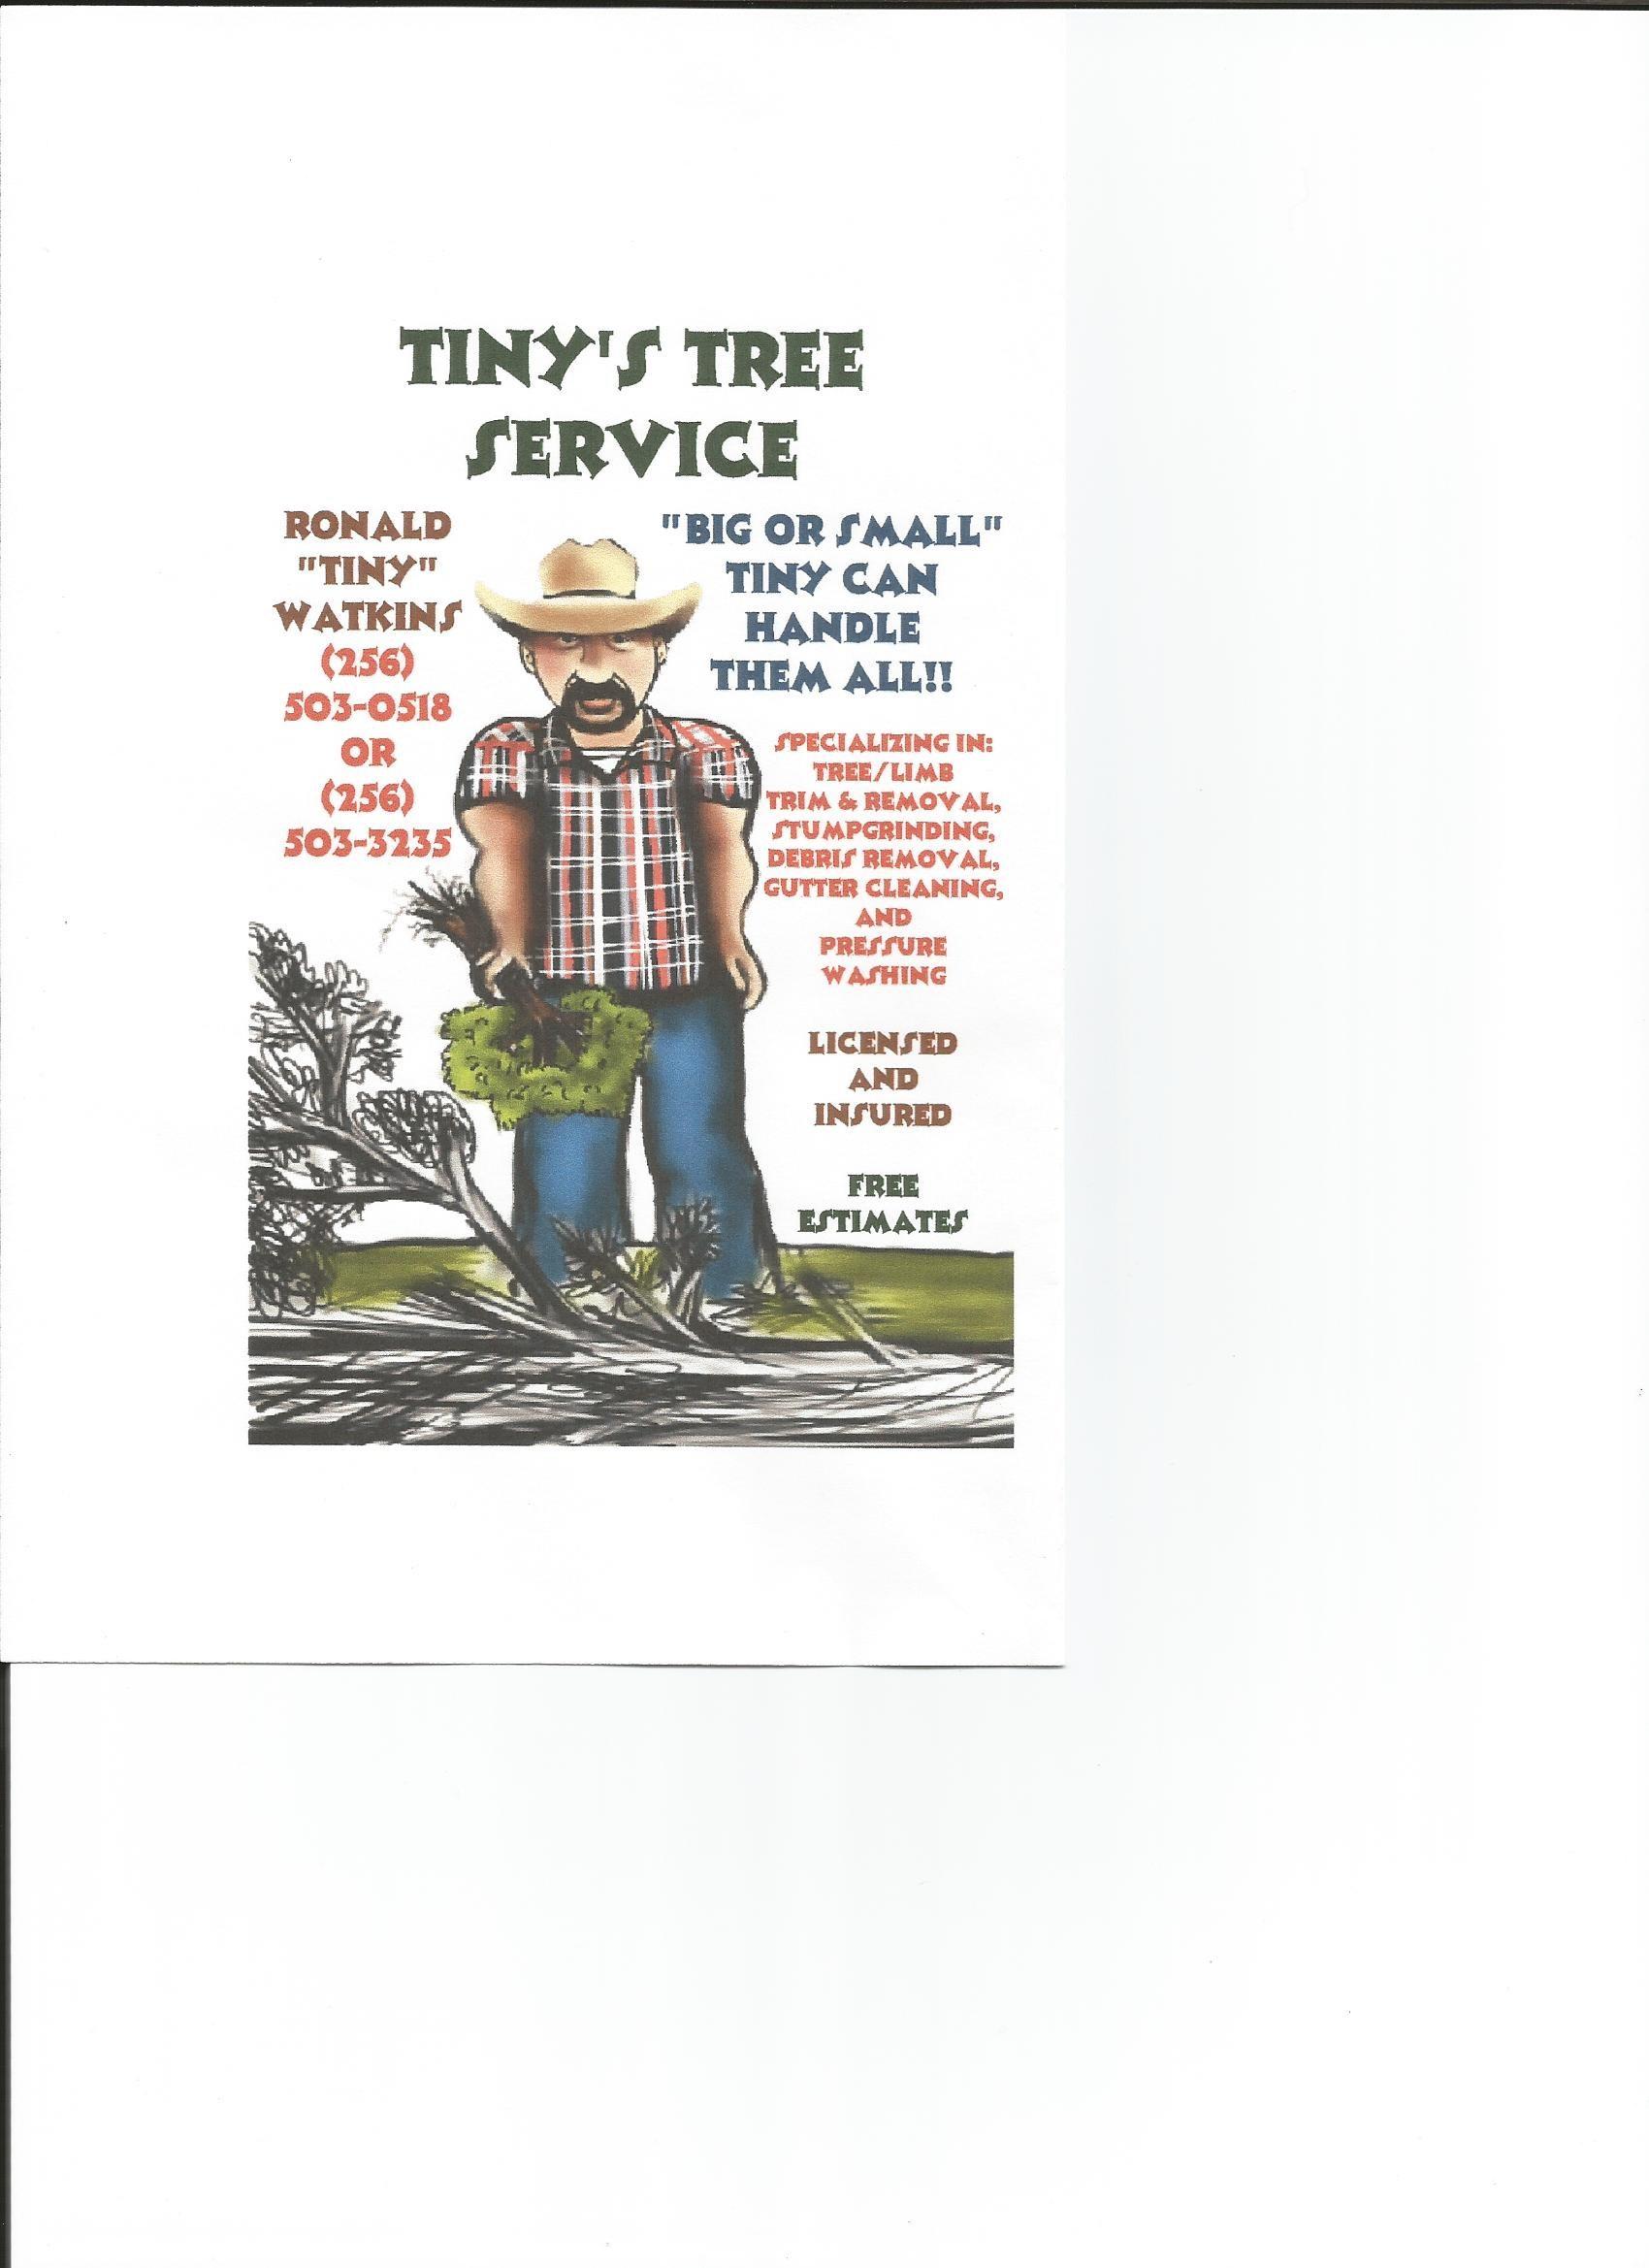 Tiny's Tree Service logo